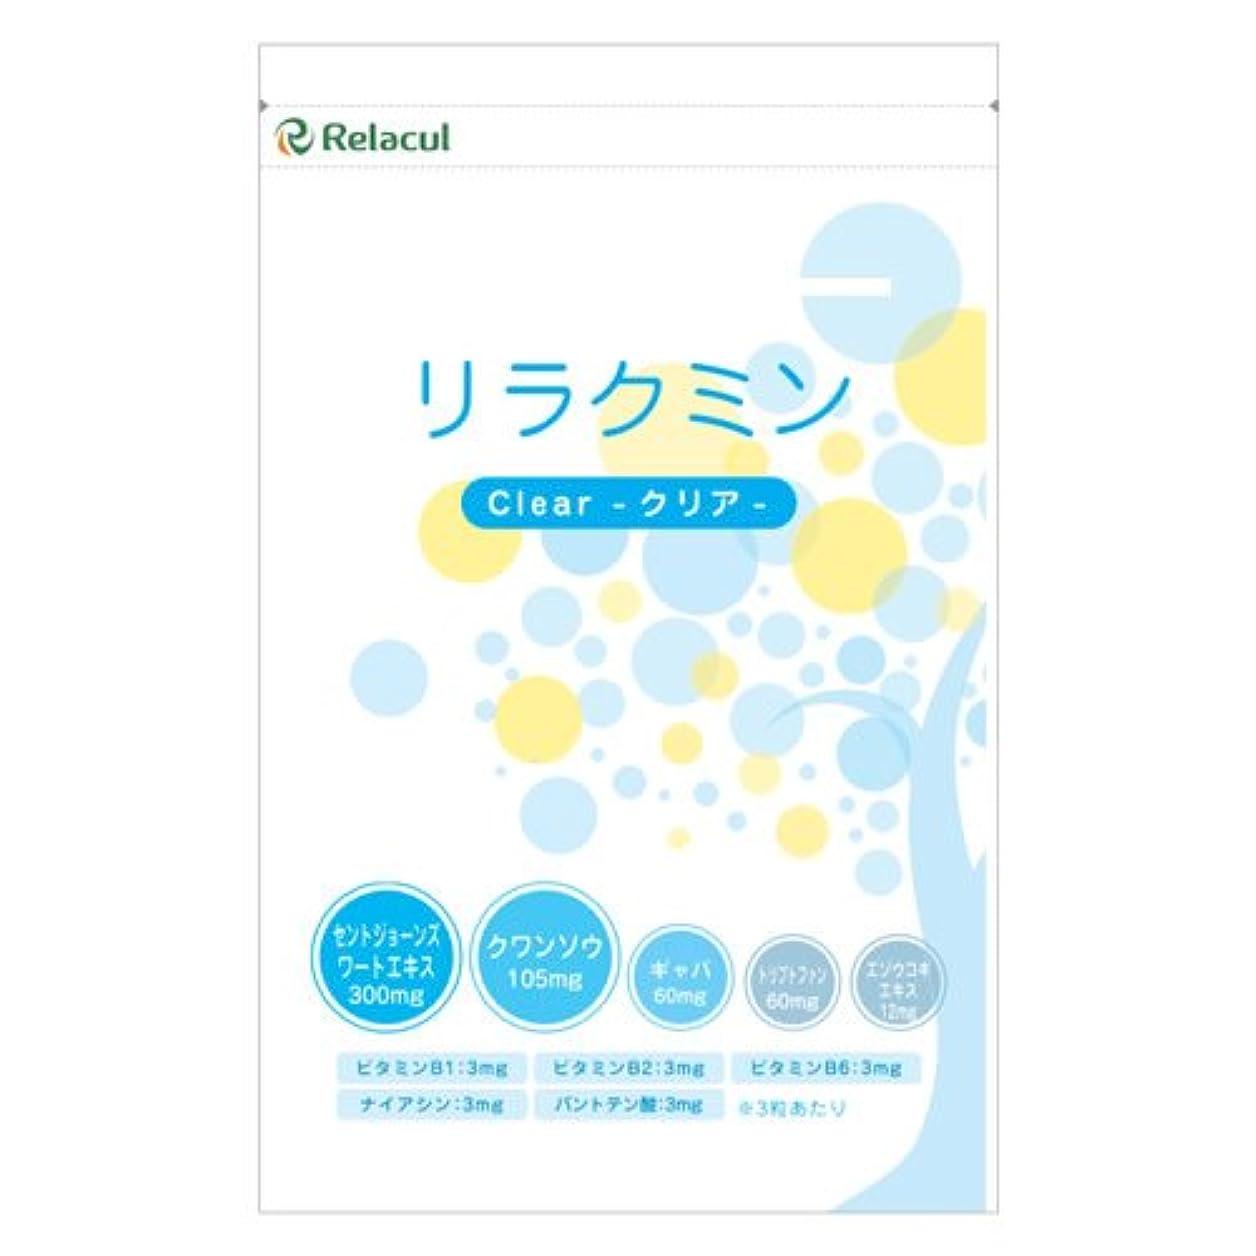 形状八それるセロトニン サプリ (日本製) ギャバ セントジョーンズワート トリプトファン エゾウコギ [リラクミンクリア 1袋] 90粒入 (約1か月分) リラクミン サプリメント